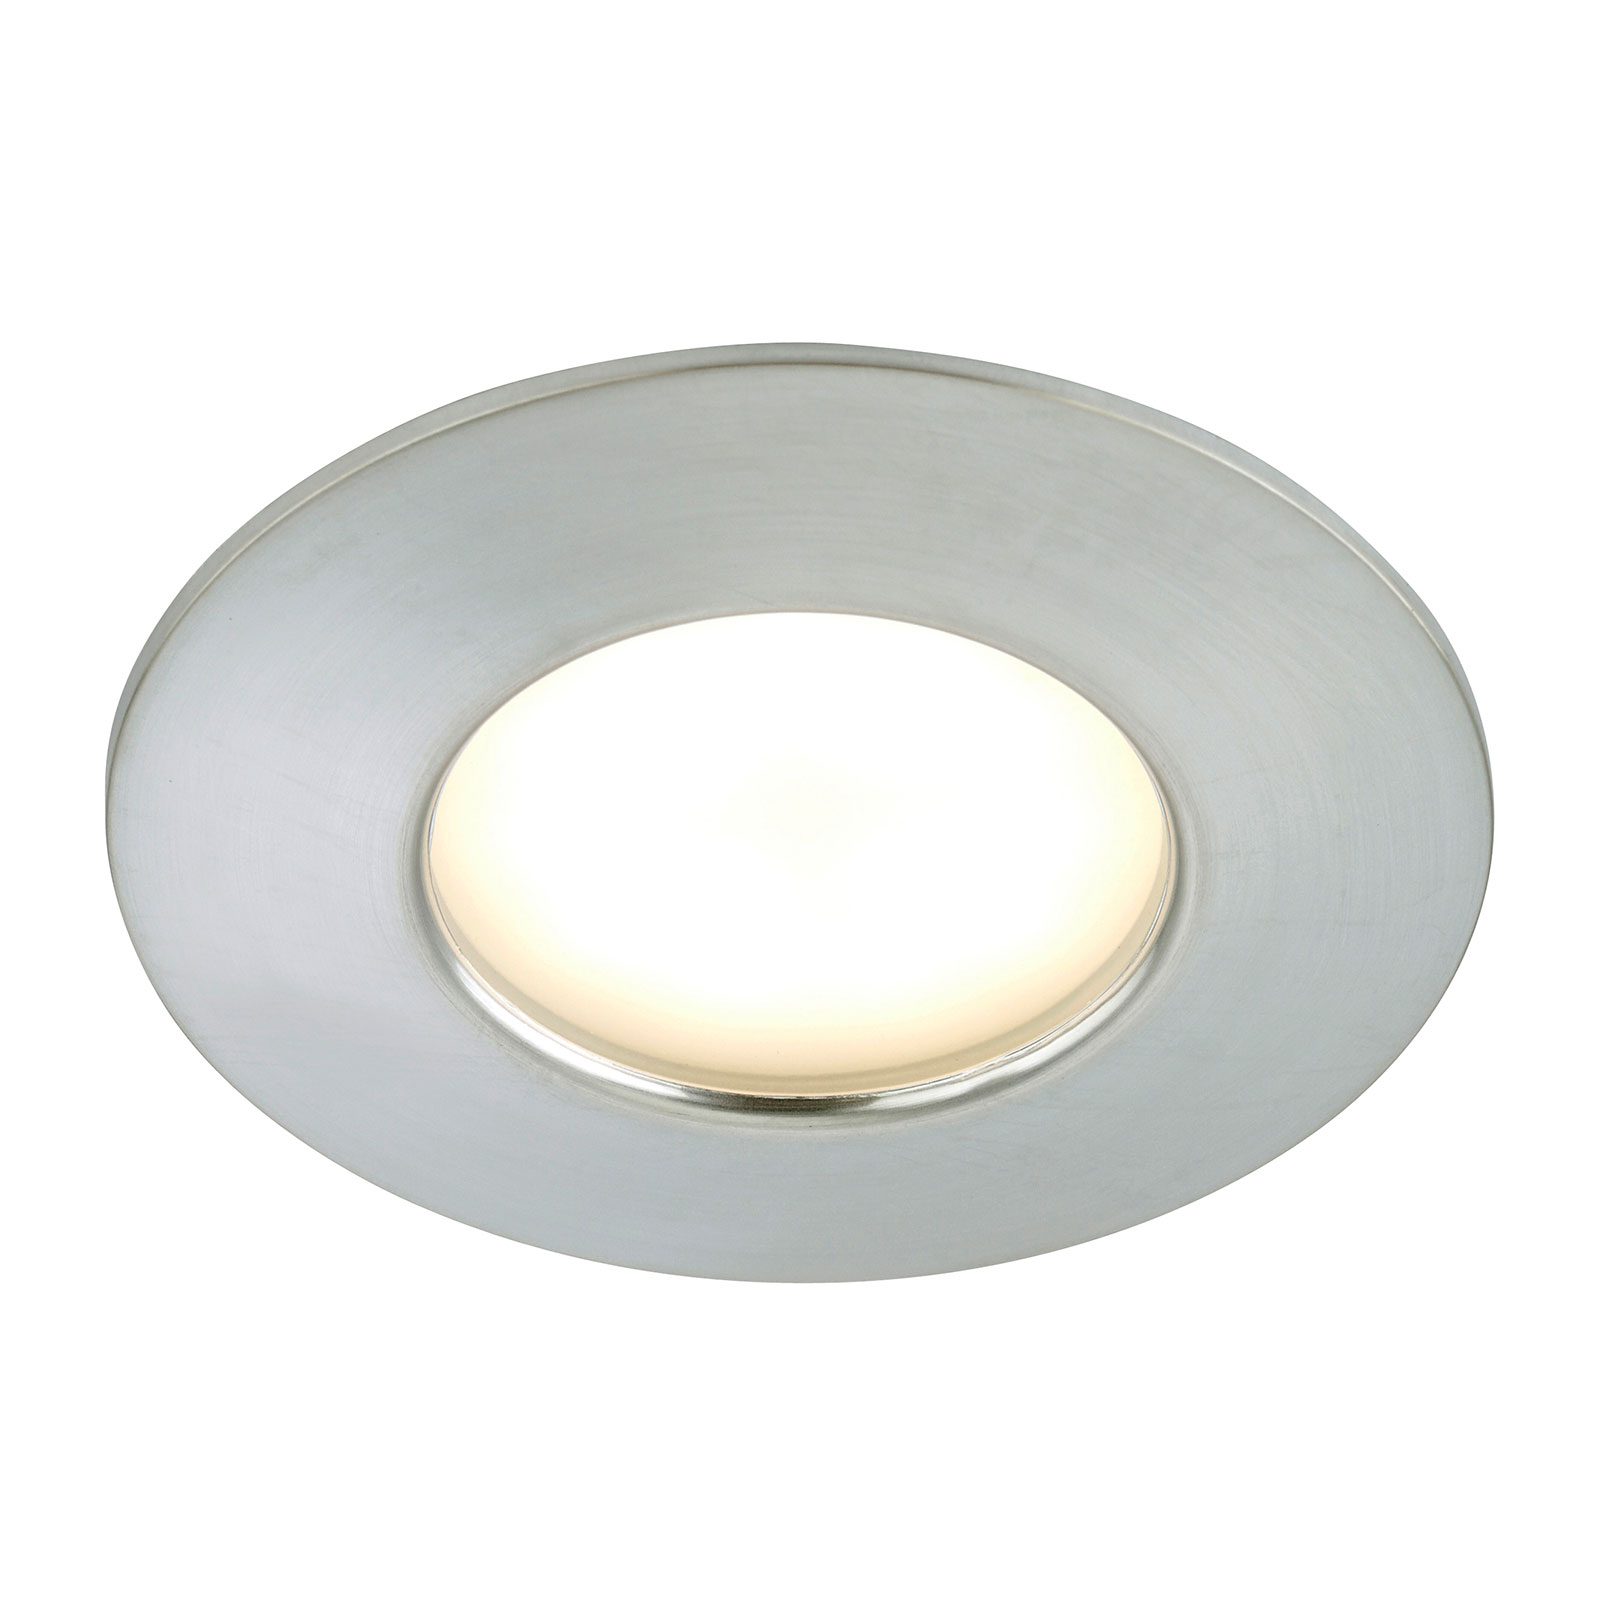 Hliníkovo sfarbené zapustené LED svetlo Felia IP44_1510320_1